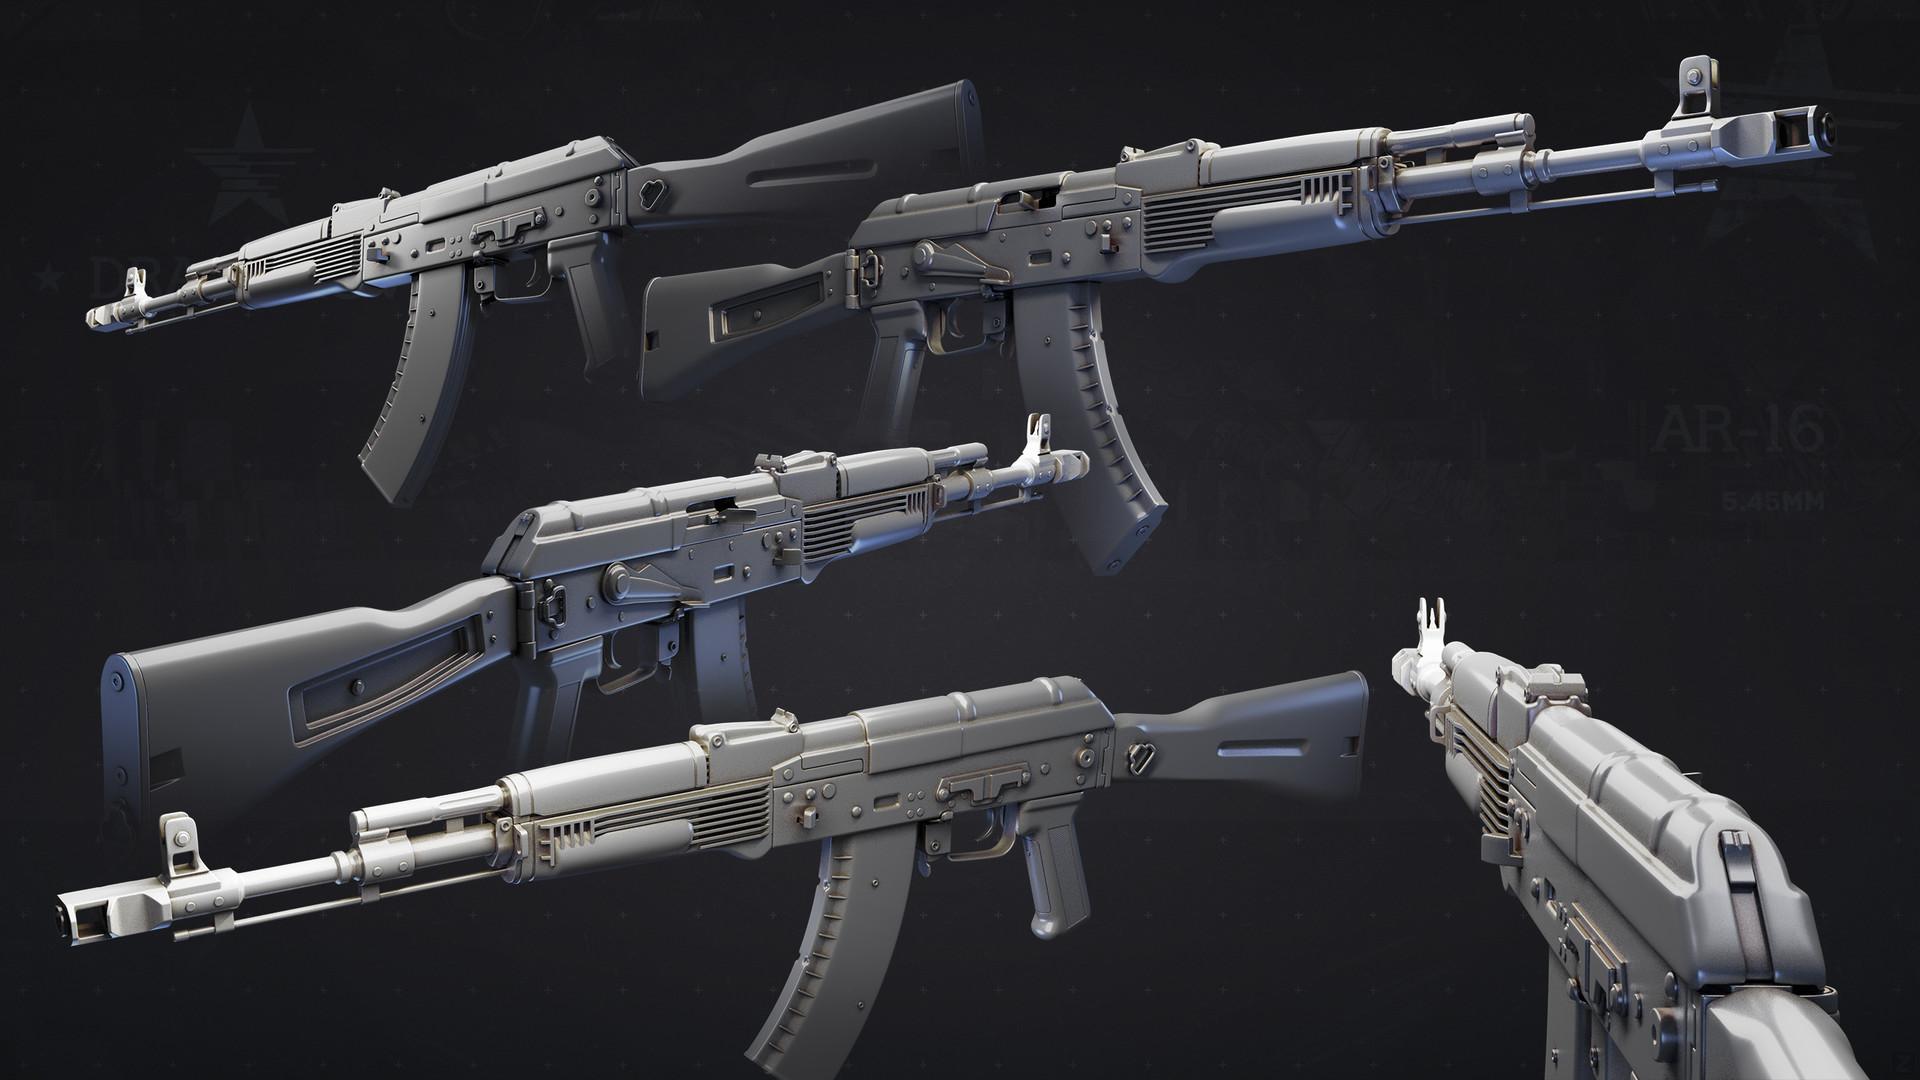 Dragunov AR-16